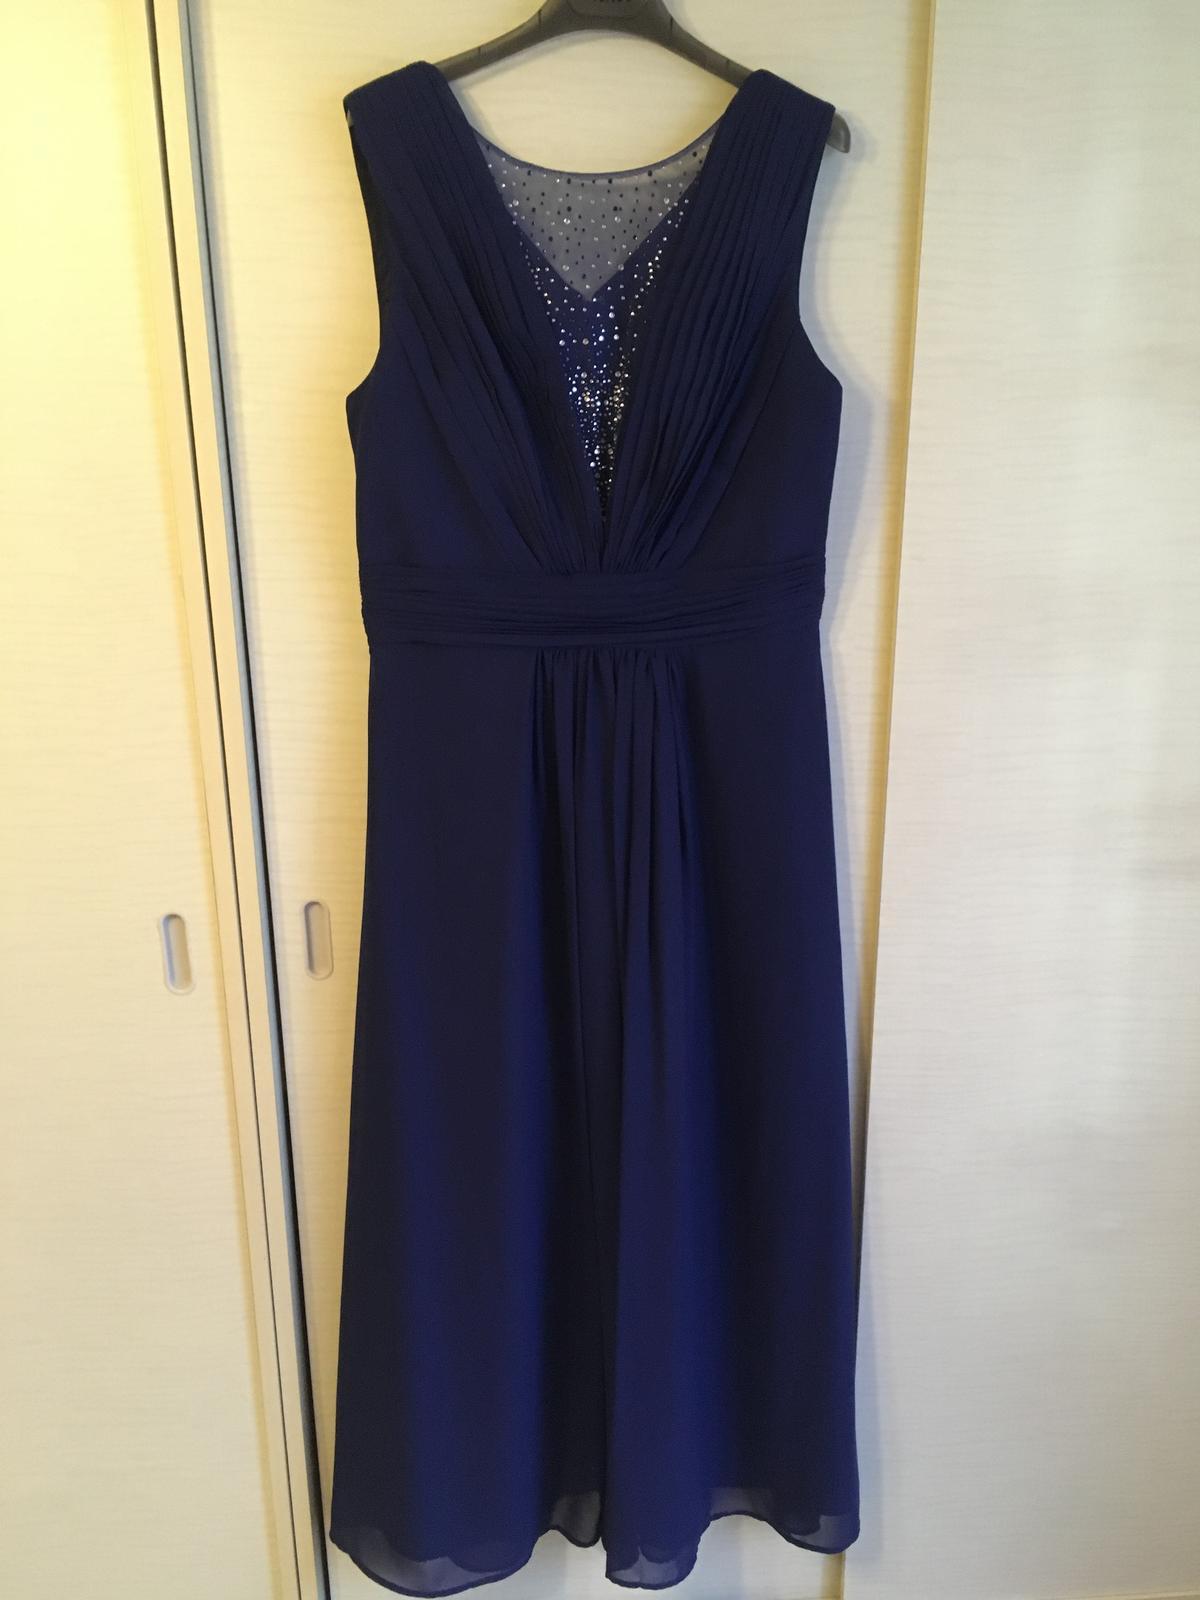 Polnočne modré šaty - Obrázok č. 2